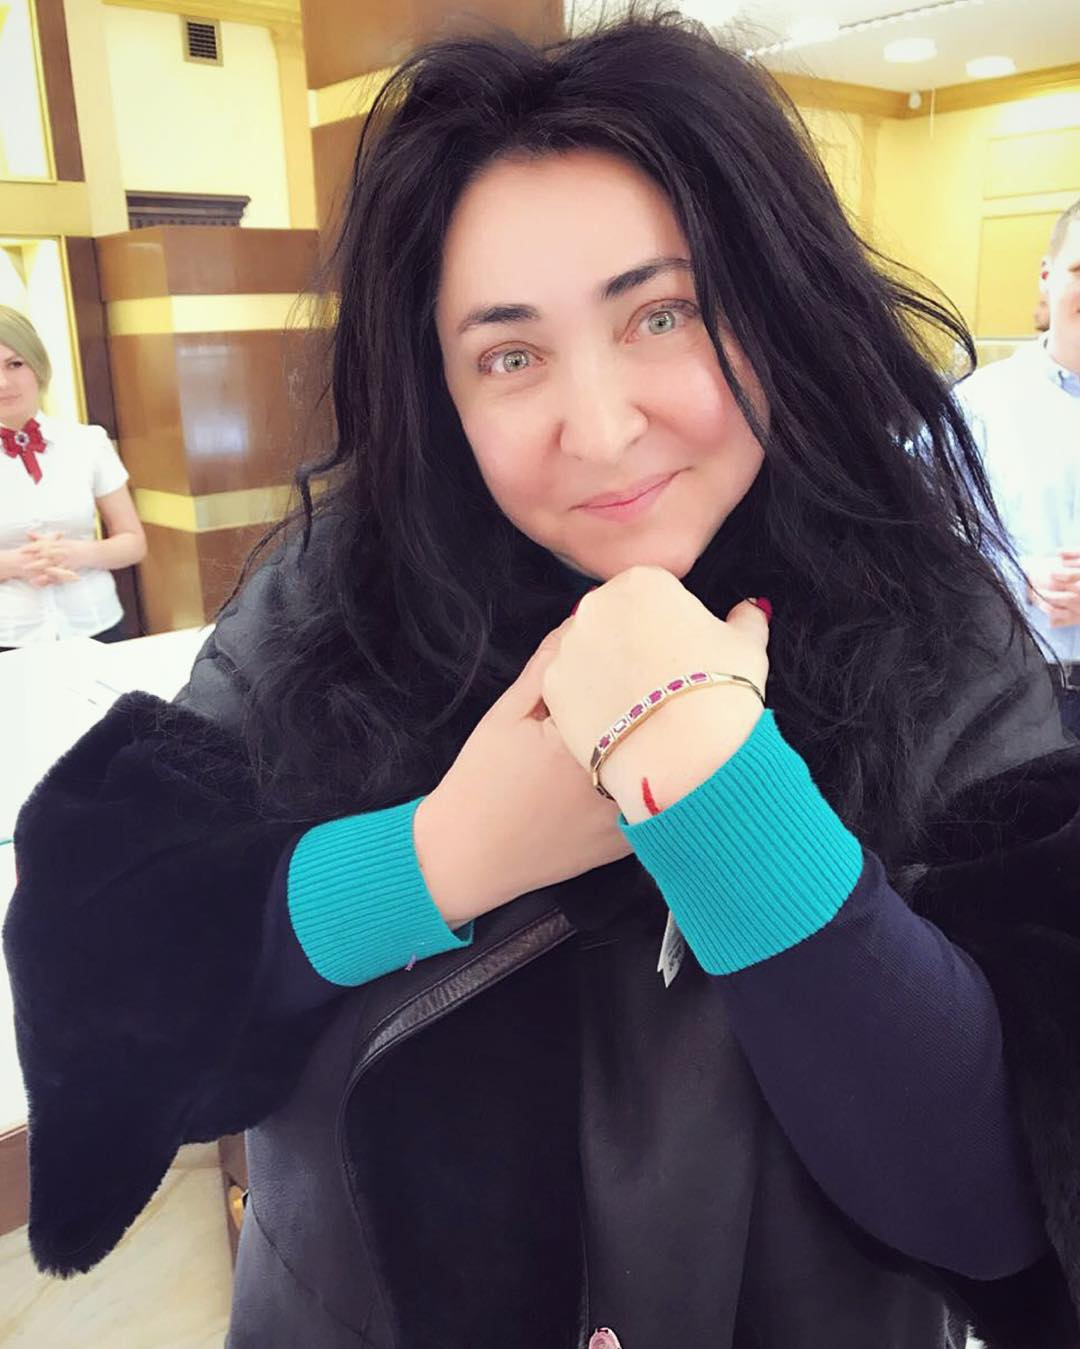 Лолита Миялвская показала свою дочь